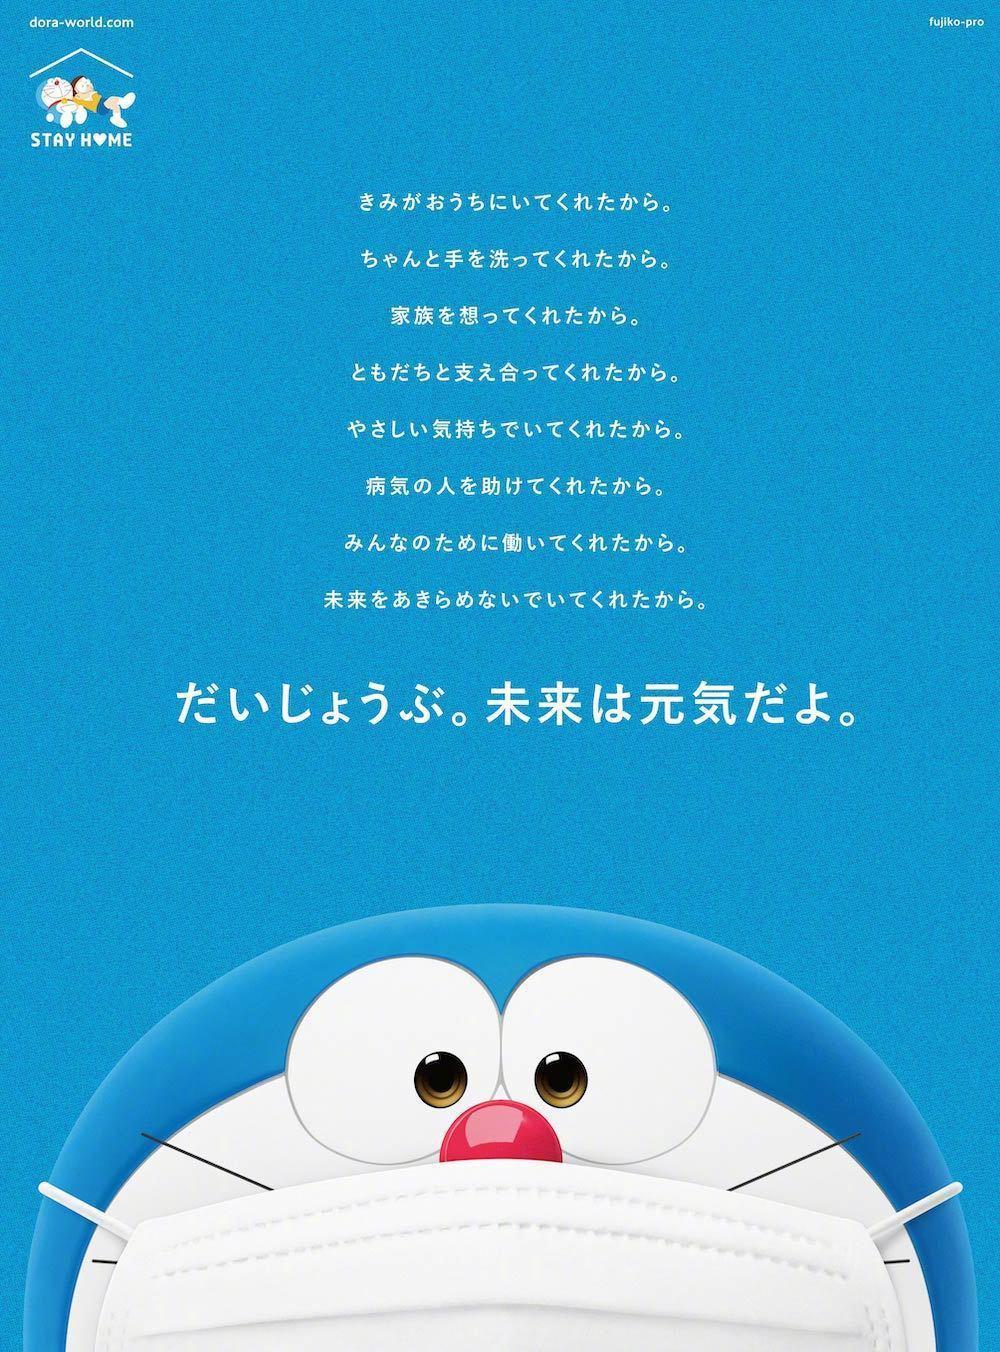 日本「哆啦A夢頻道」 為了讓大家心情放輕鬆,發布哆啦A夢「來自未來的信」,為大家...